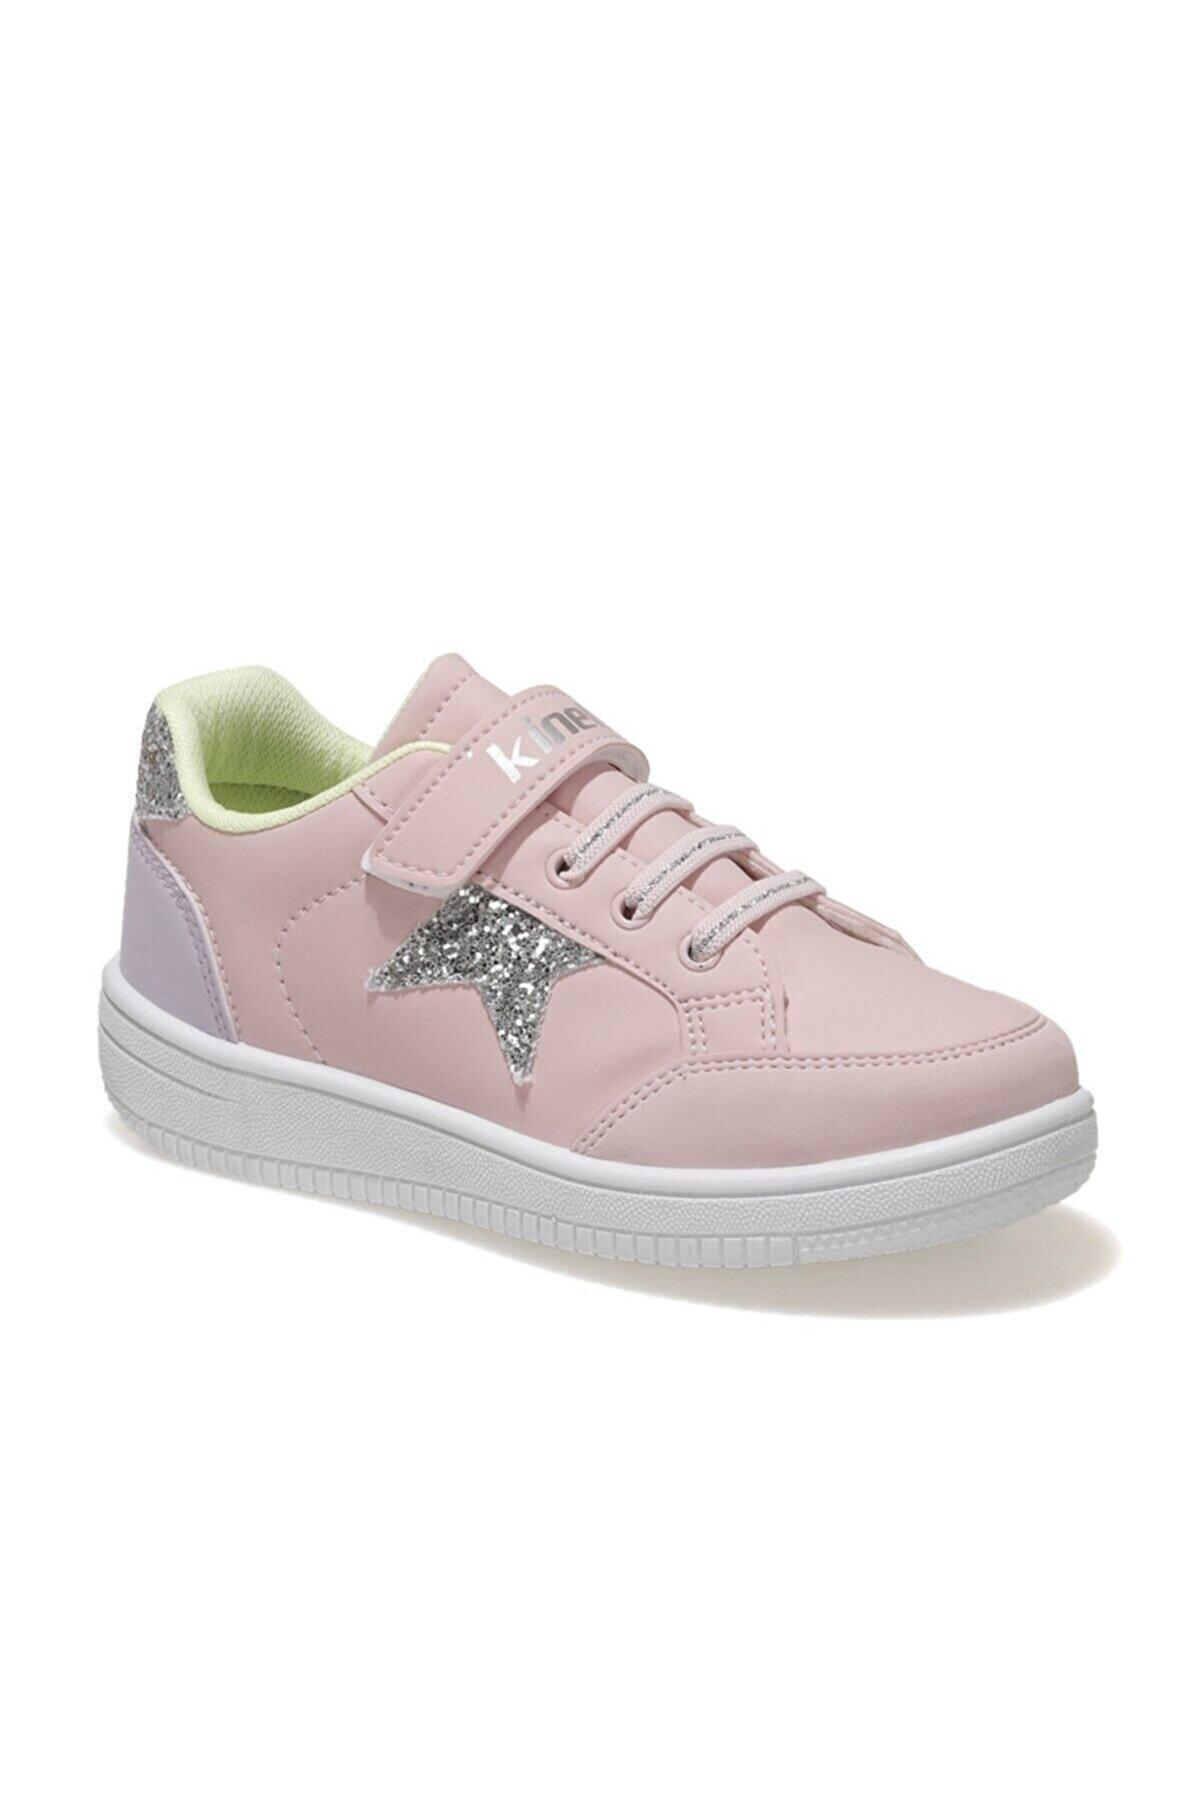 Kinetix MALIBU GIRL 1FX Pembe Kız Çocuk Sneaker Ayakkabı 100915779